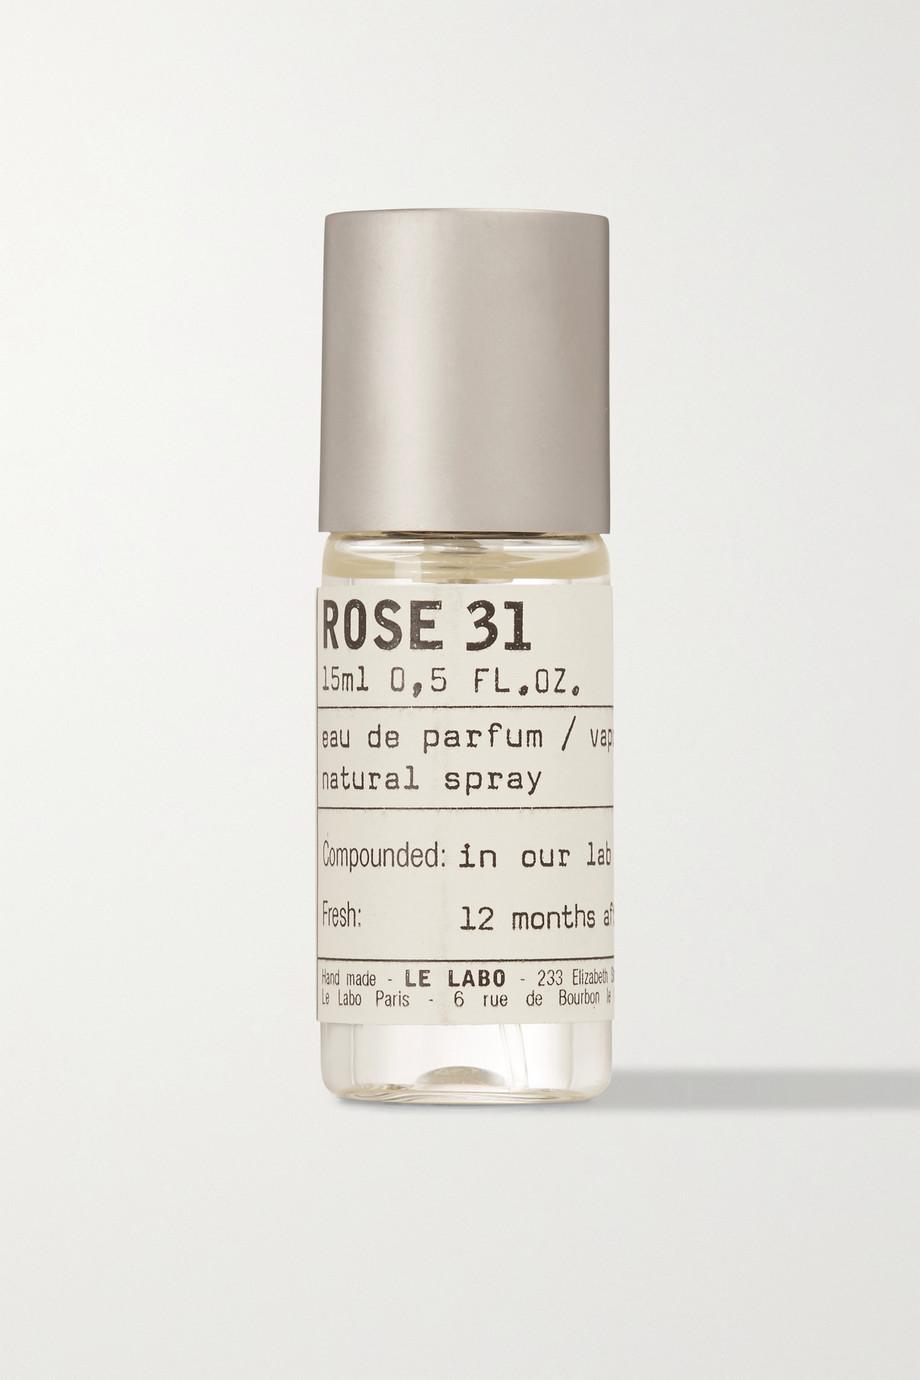 Le Labo Eau de Parfum - Rose 31, 15ml